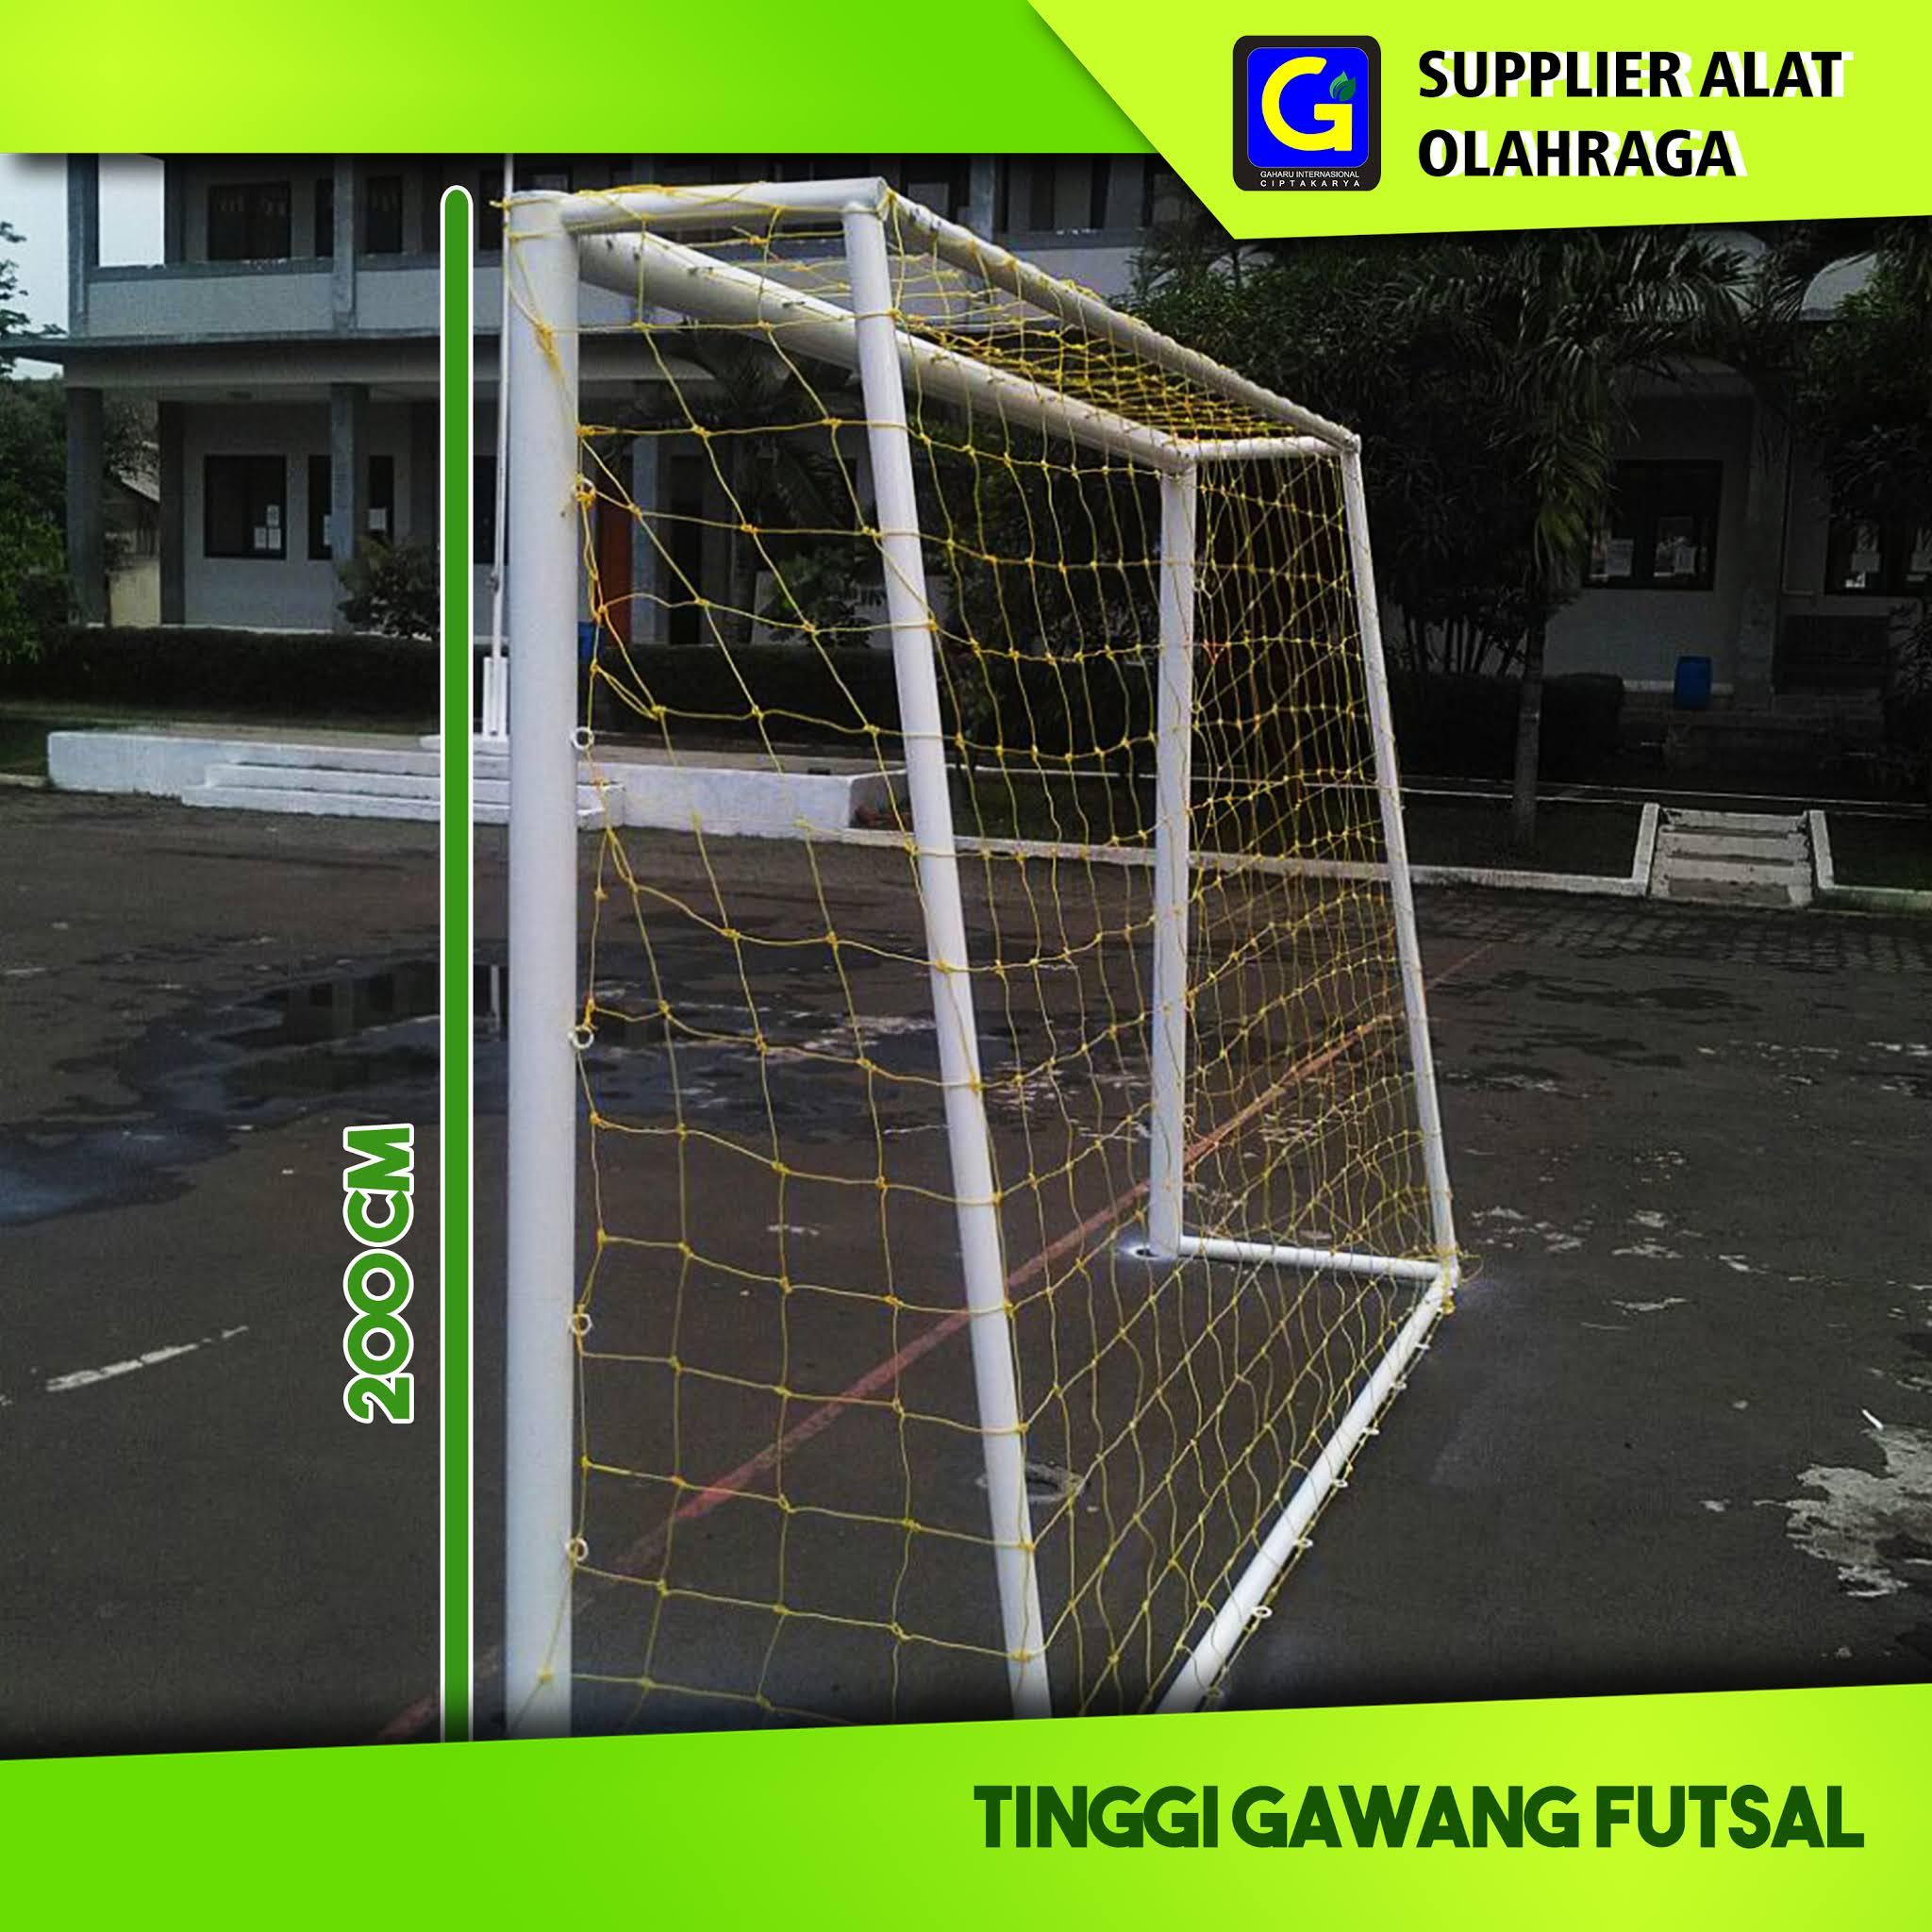 Tinggi Gawang Futsal